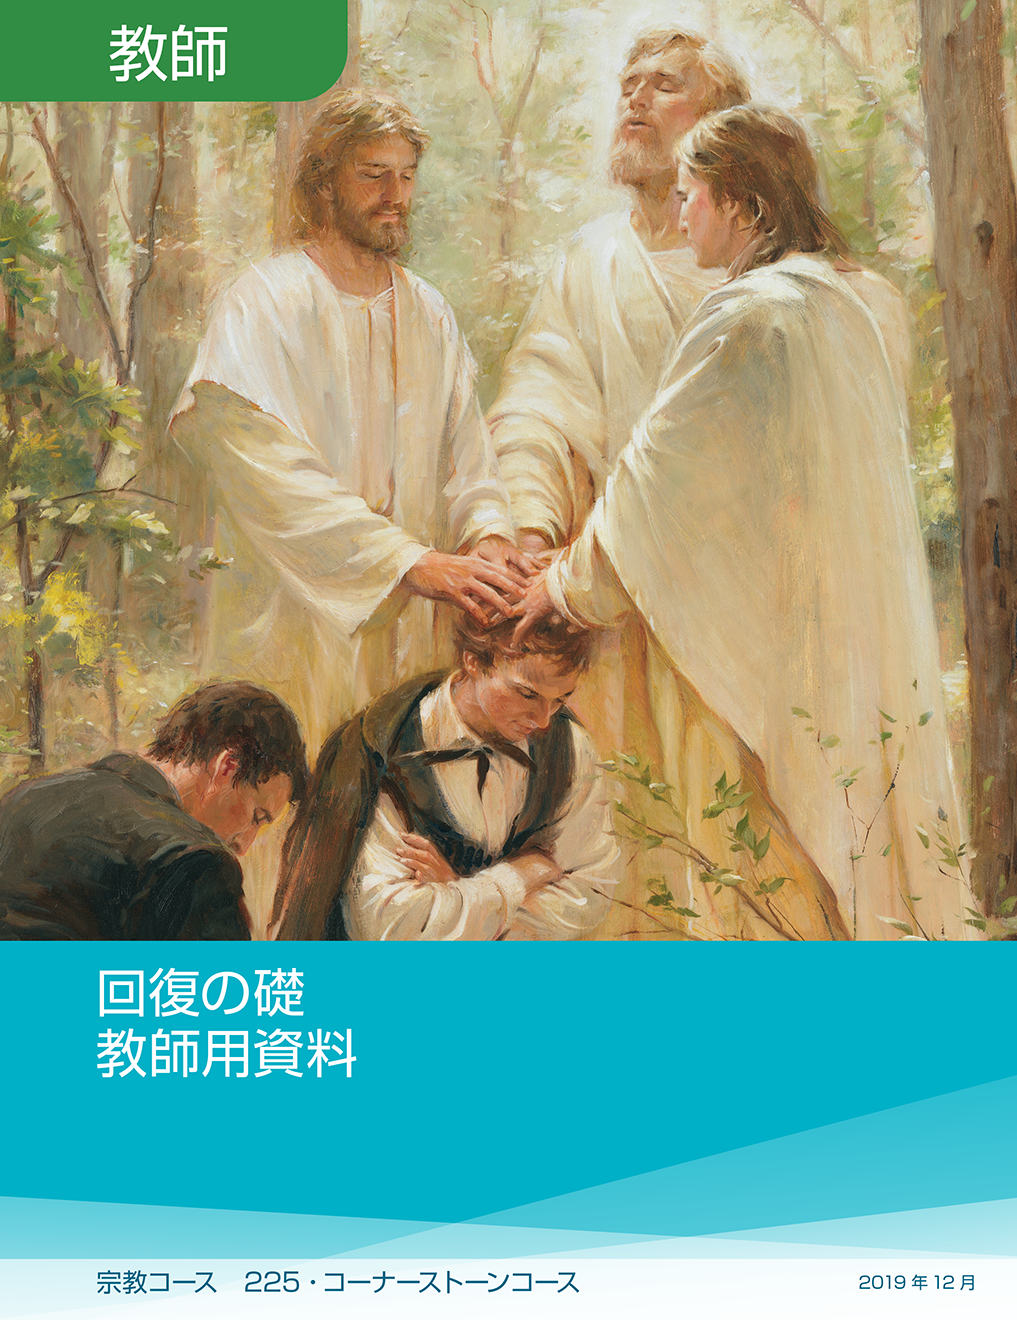 『回復の礎 教師用資料』(宗教225)